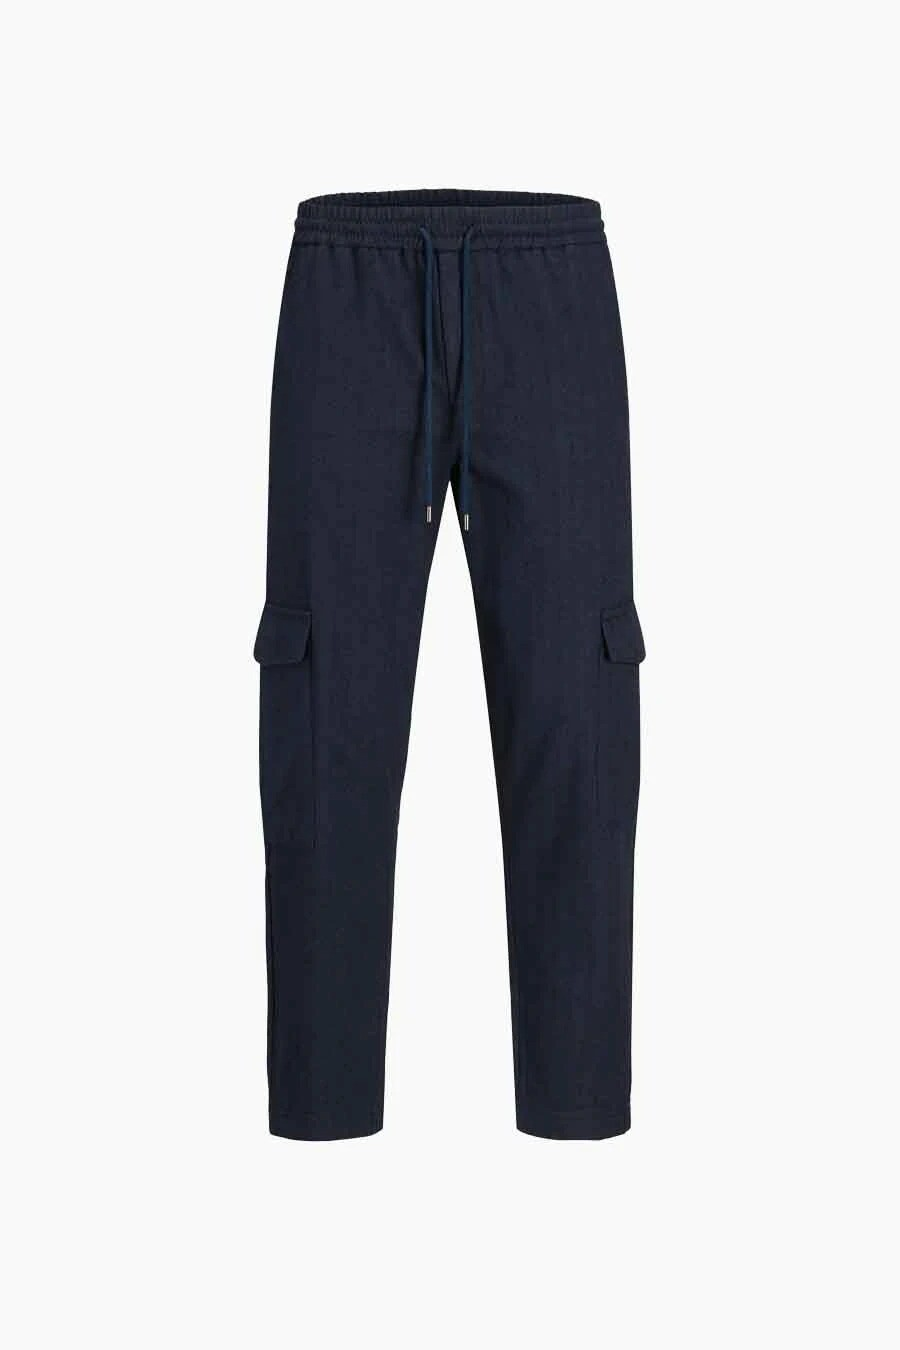 Jack & Jones Jeans Intelligence Broek, Blauw, Heren, Maat: XS/S/M/L/XL